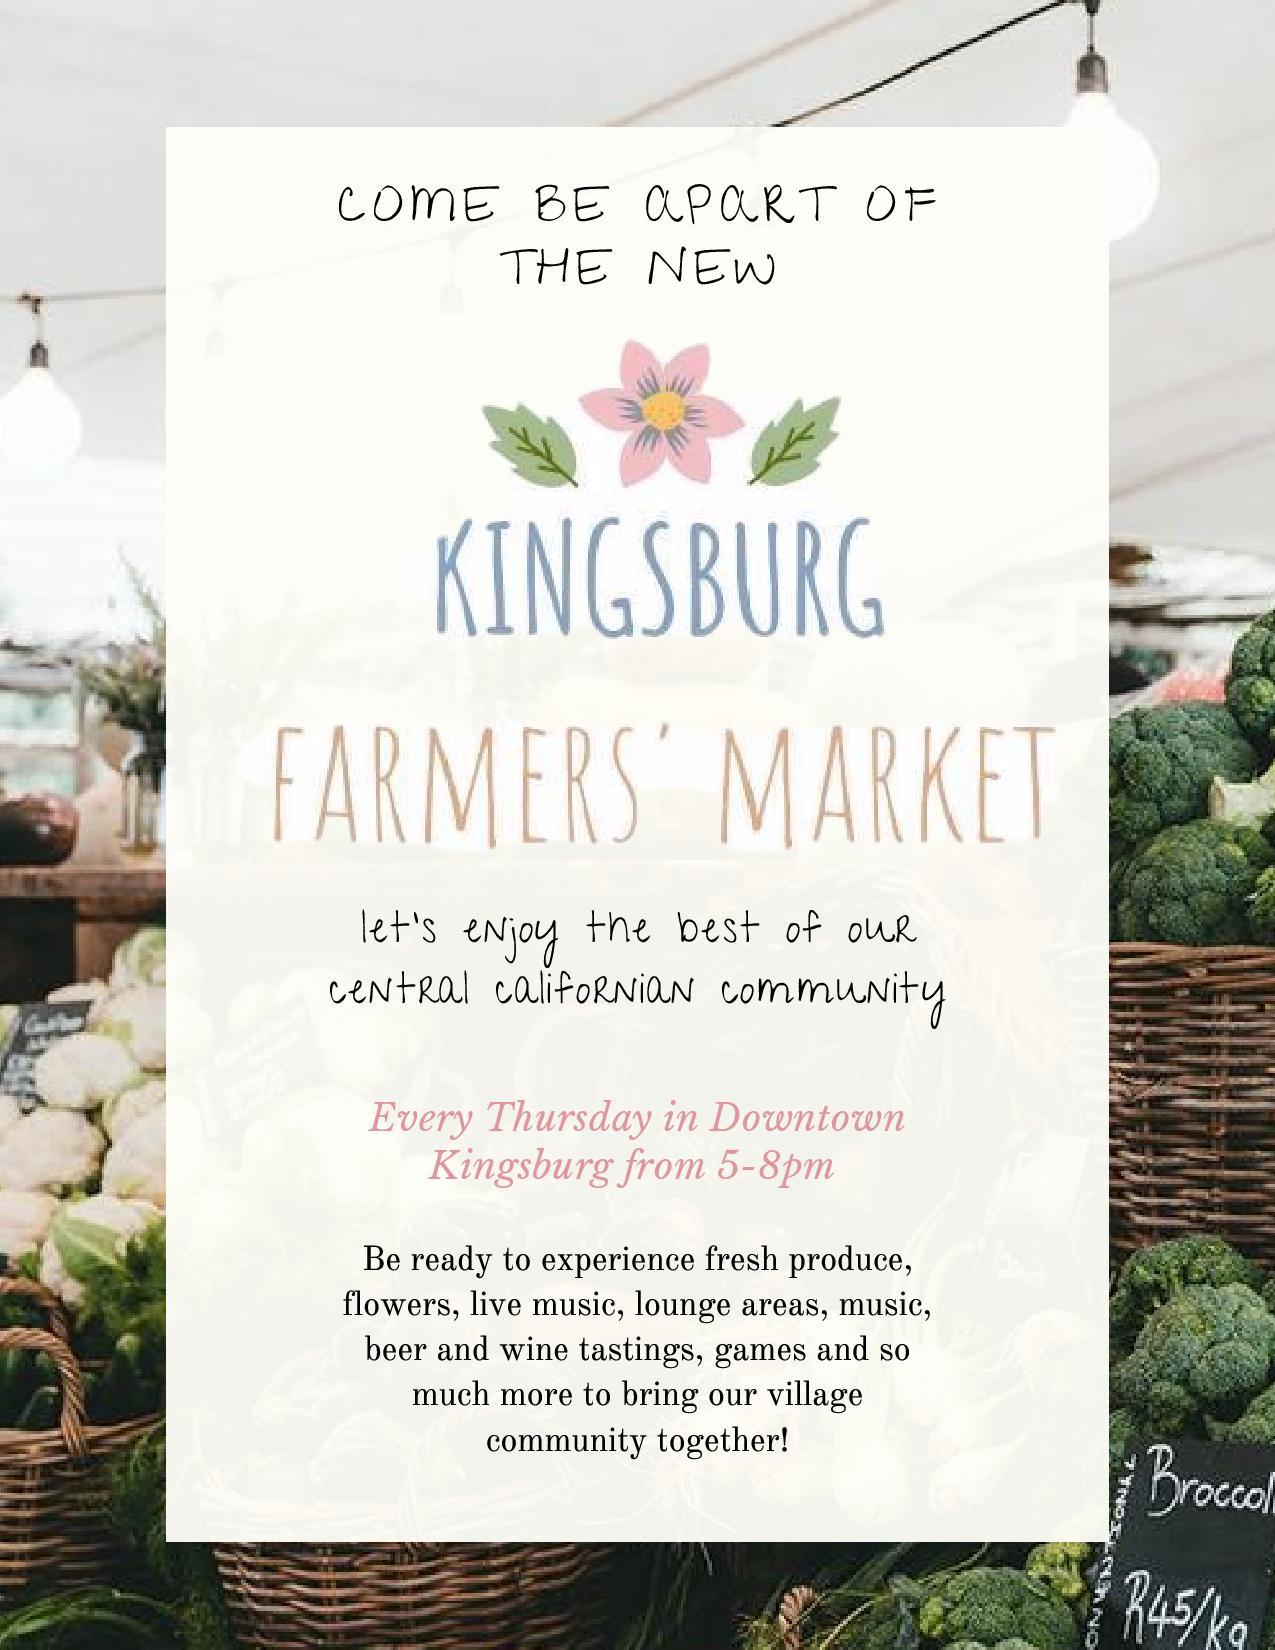 farmer's market kingsburg